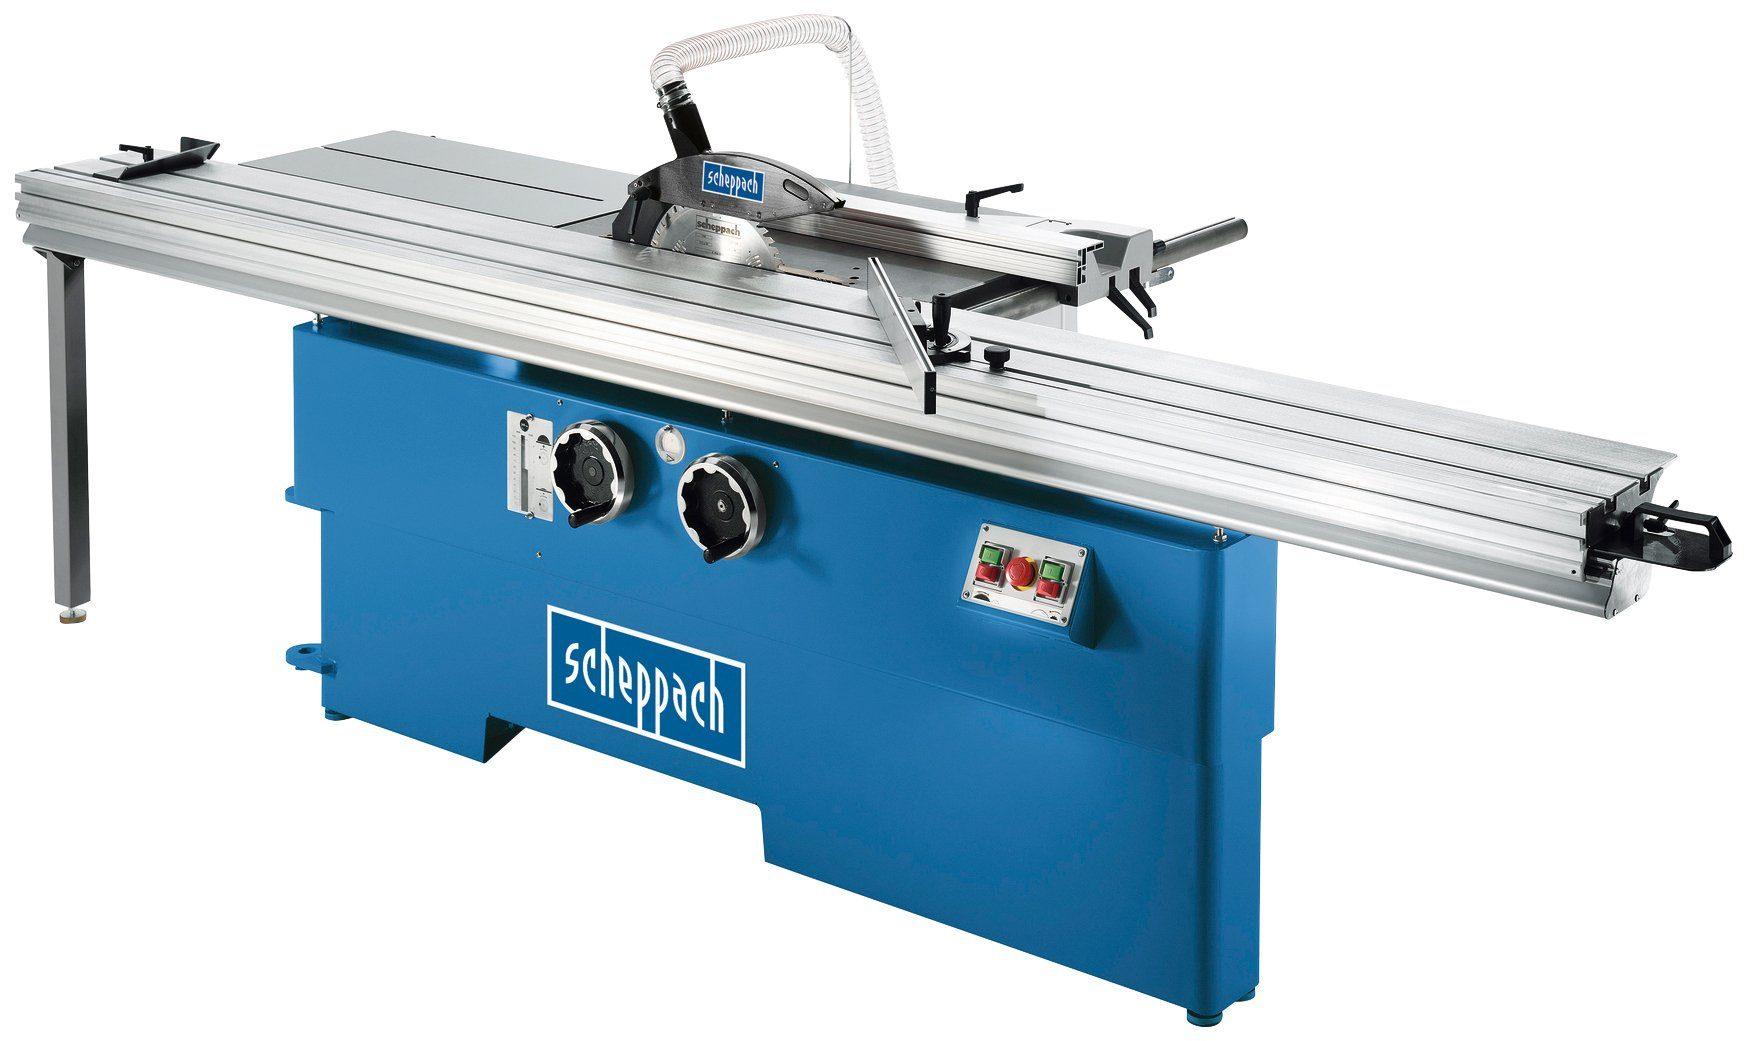 SCHEPPACH Tischkreissäge »Forsa 9.0«, 400V 50Hz 4800W